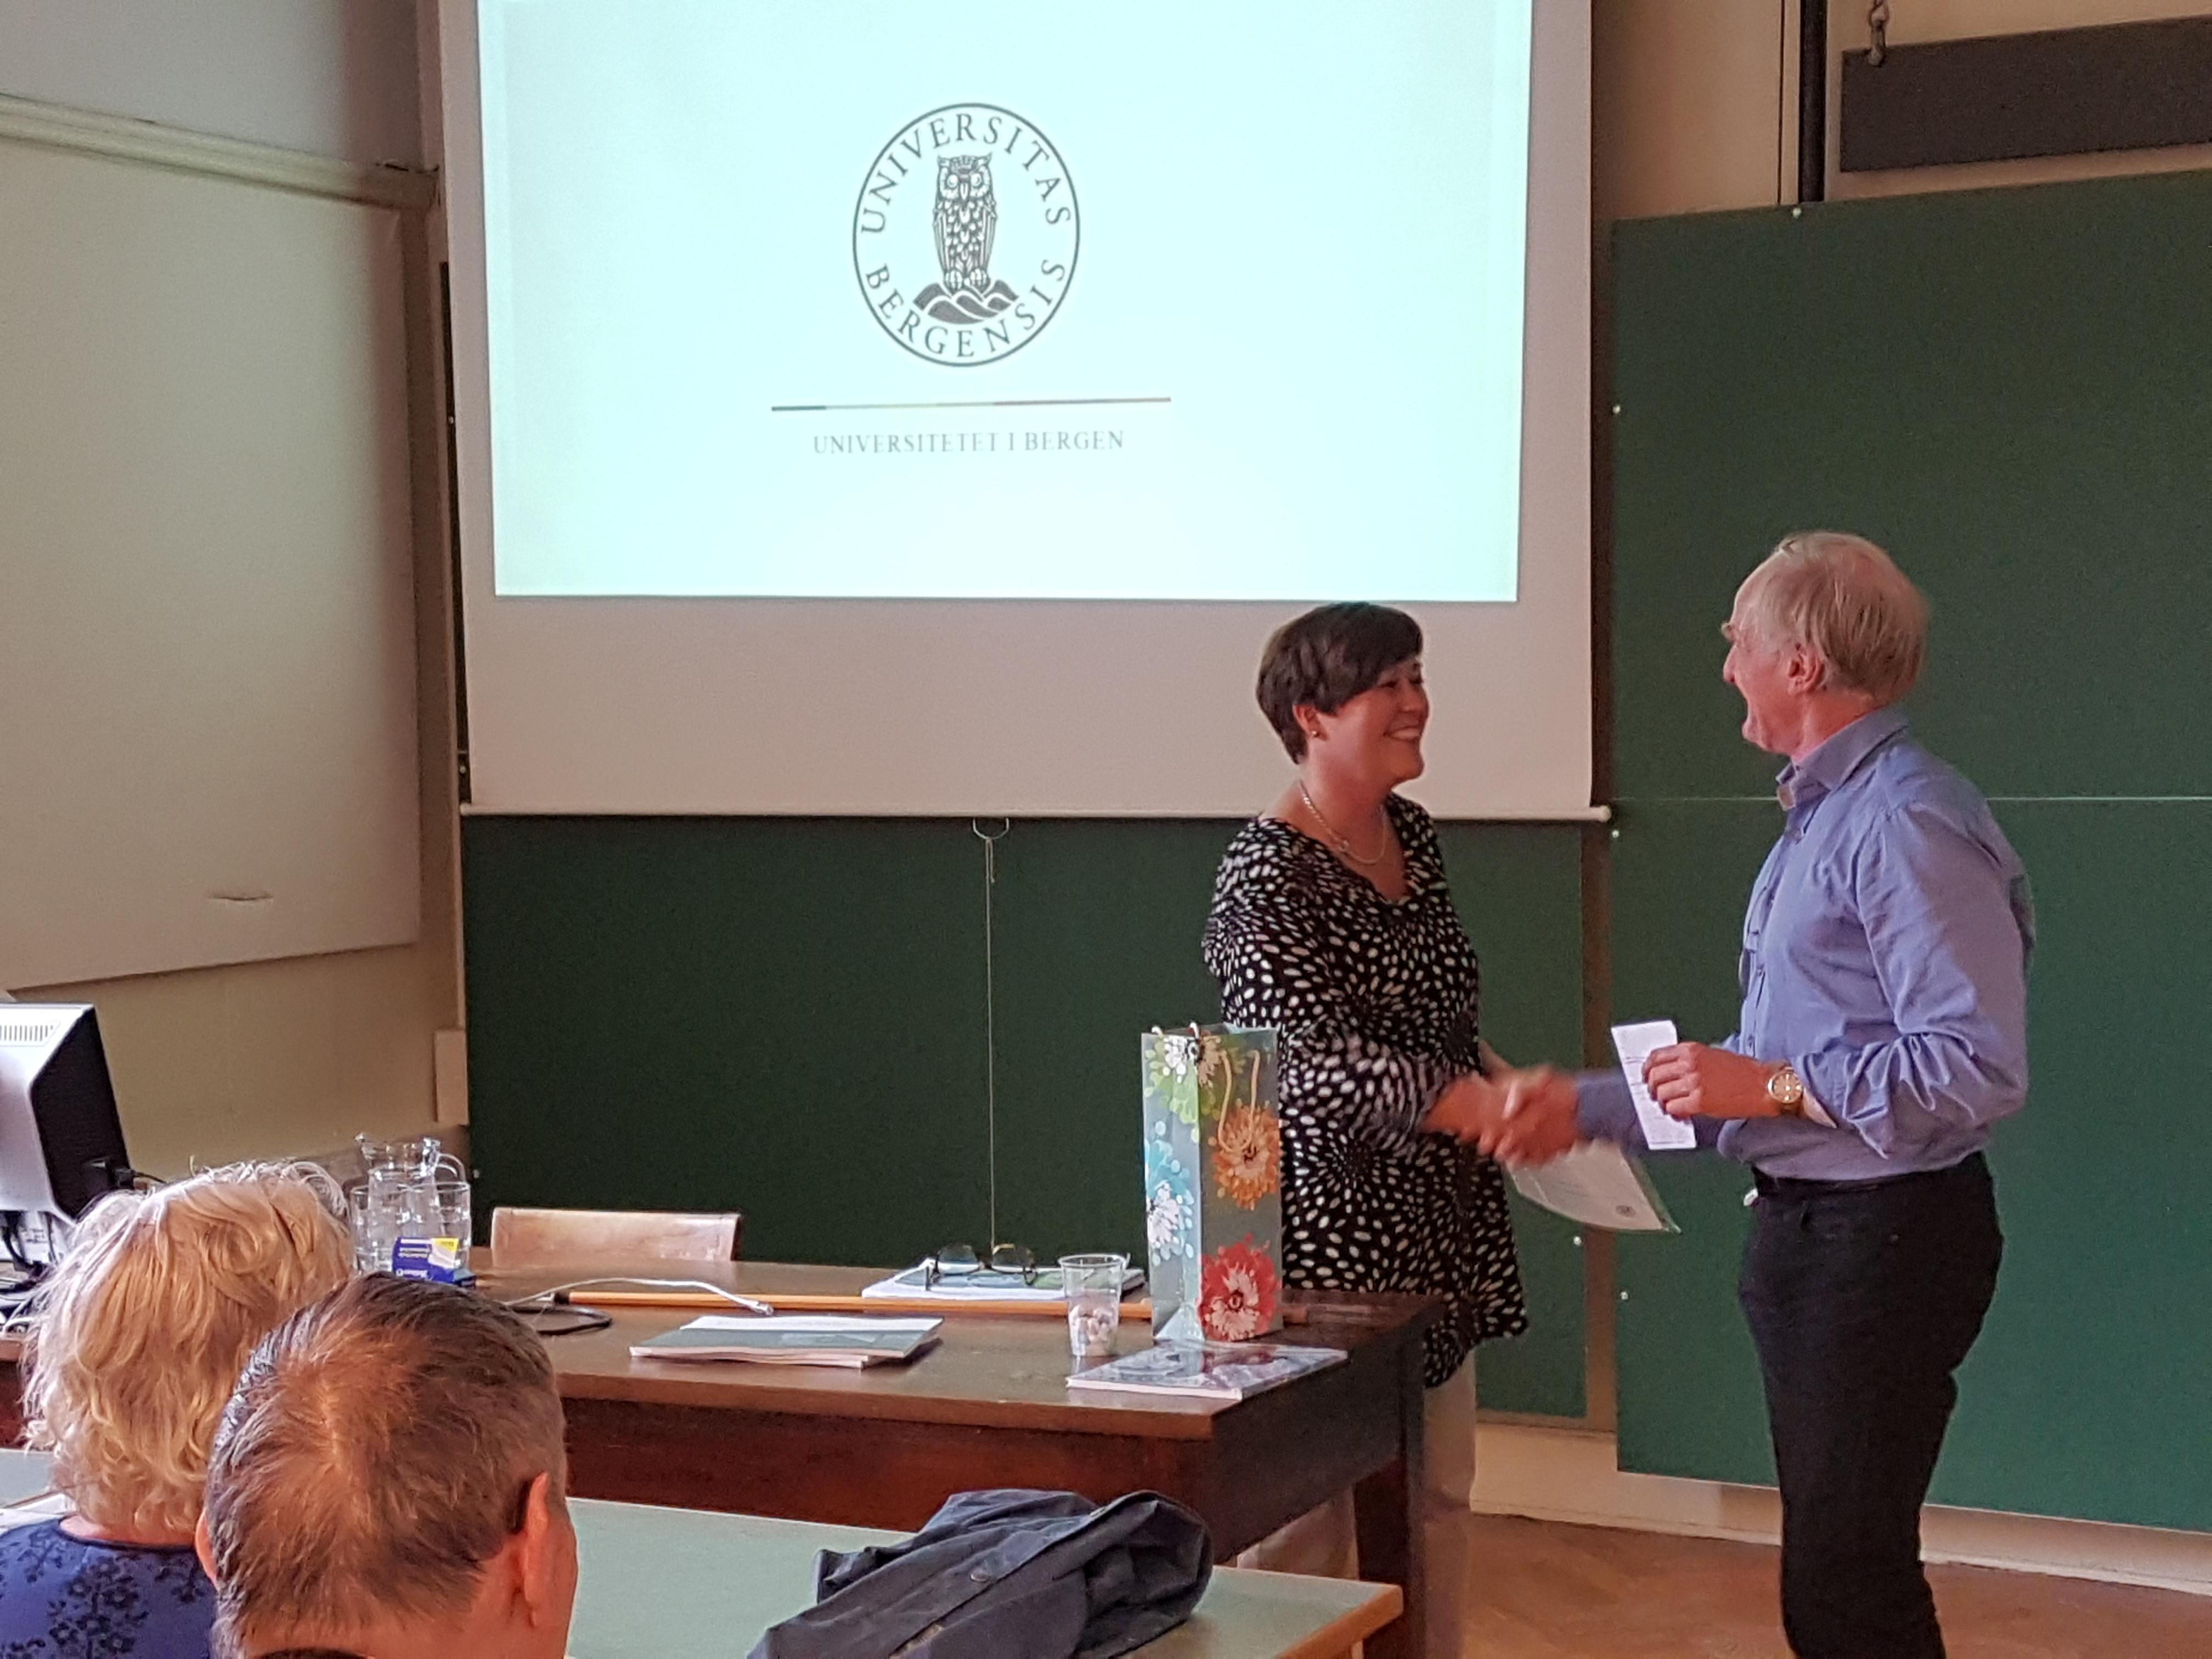 Preses Finn Gunnar Nielsen takker Åse Tveitnes for et godt innlegg om fredning og restaurering av Geofysen og andre universitetsbygg.